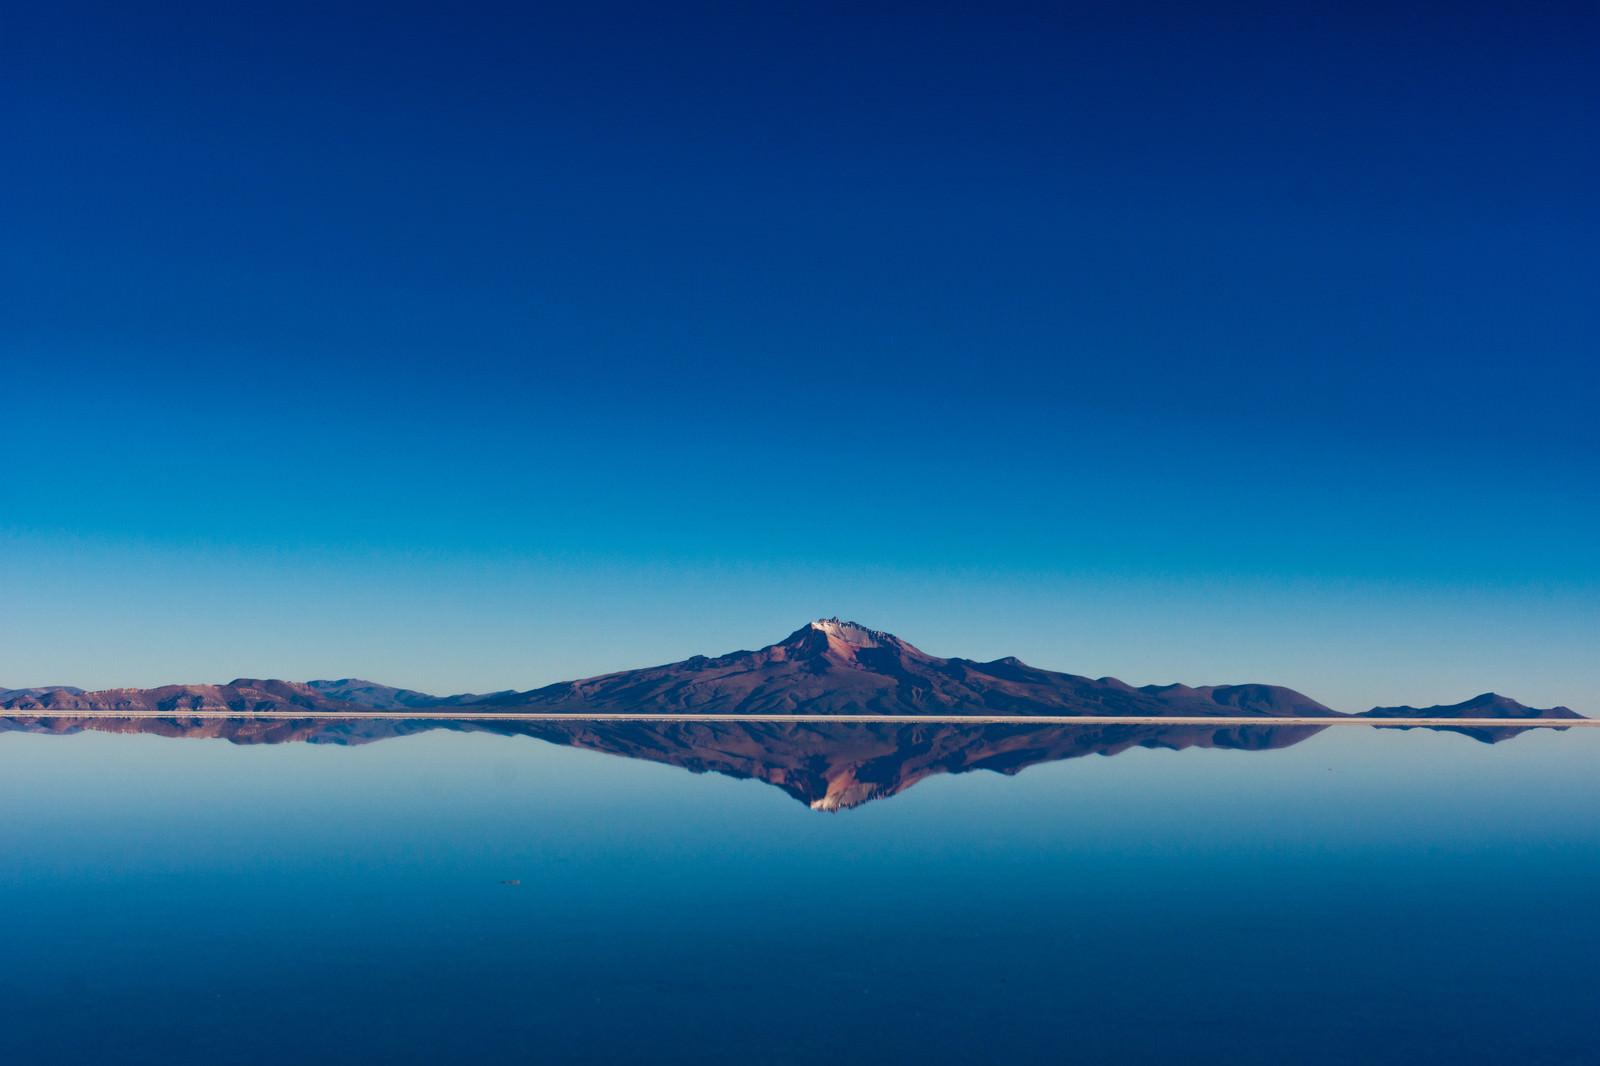 鏡張りの山(ウユニ塩湖)|無料の写真素材はフリー素材のぱくたそ